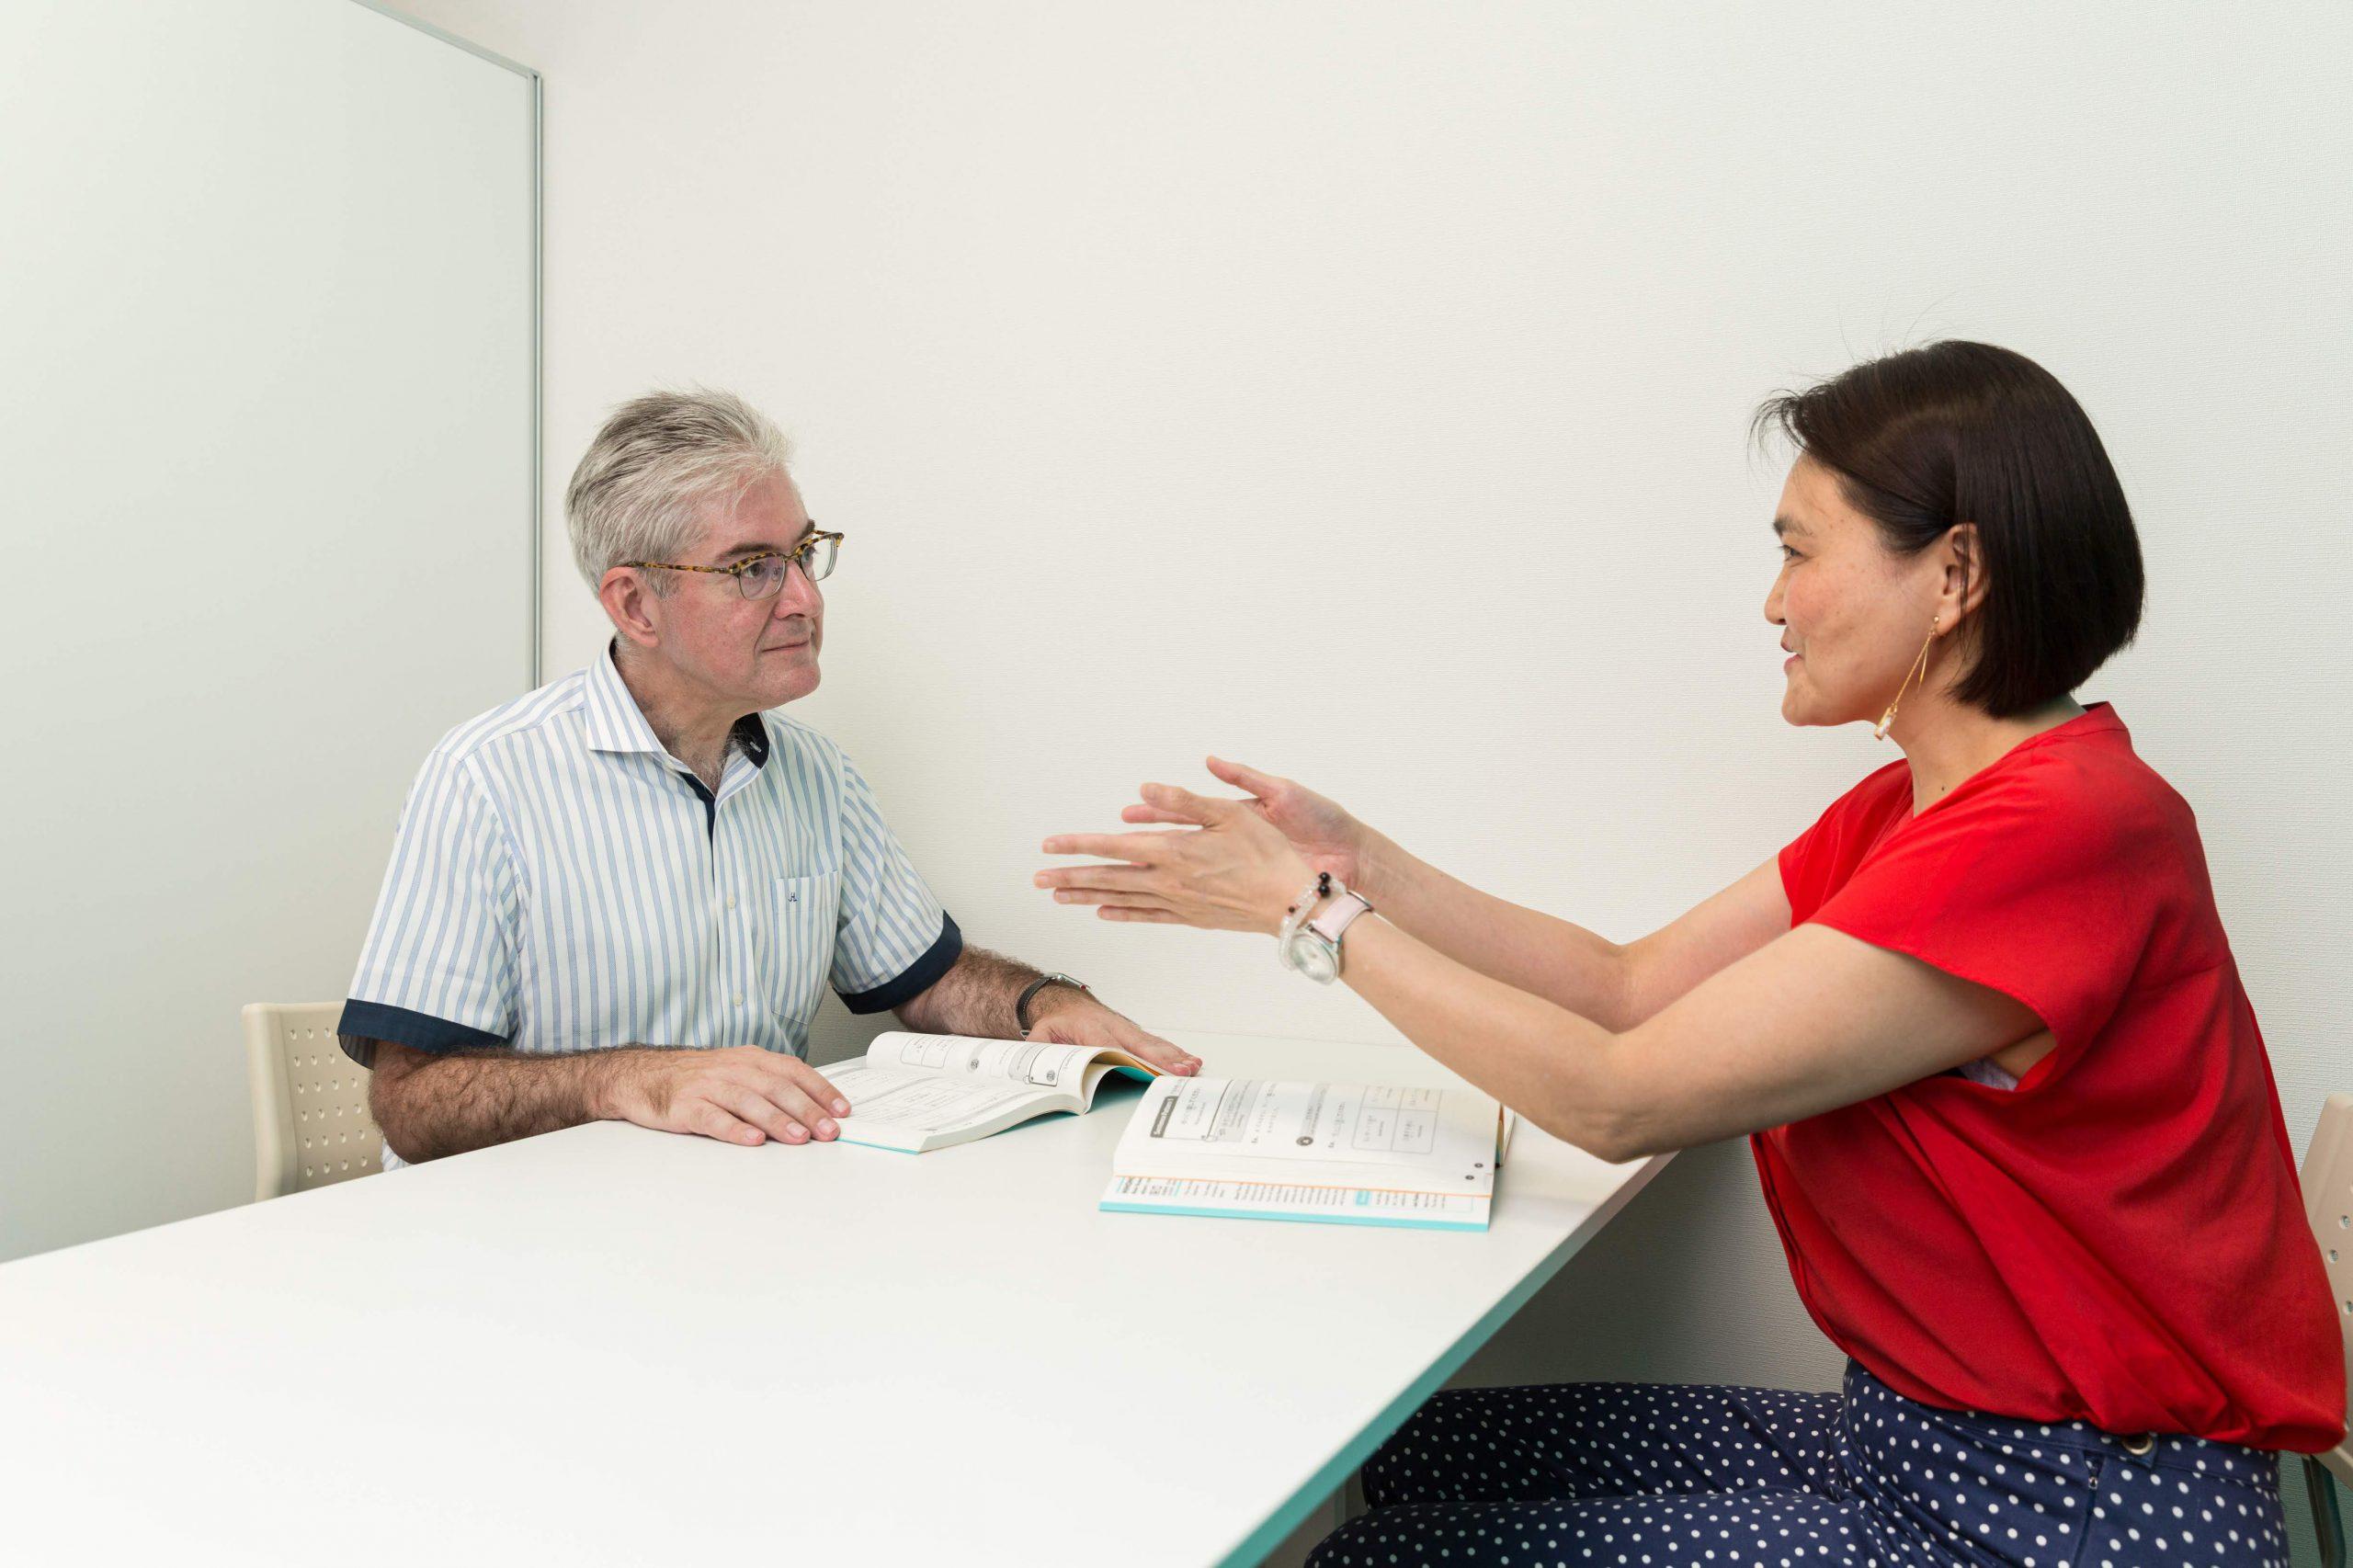 外国人マネージャーが、部下や顧客とのコミュニケーションのために日本語を学びたいと希望している。